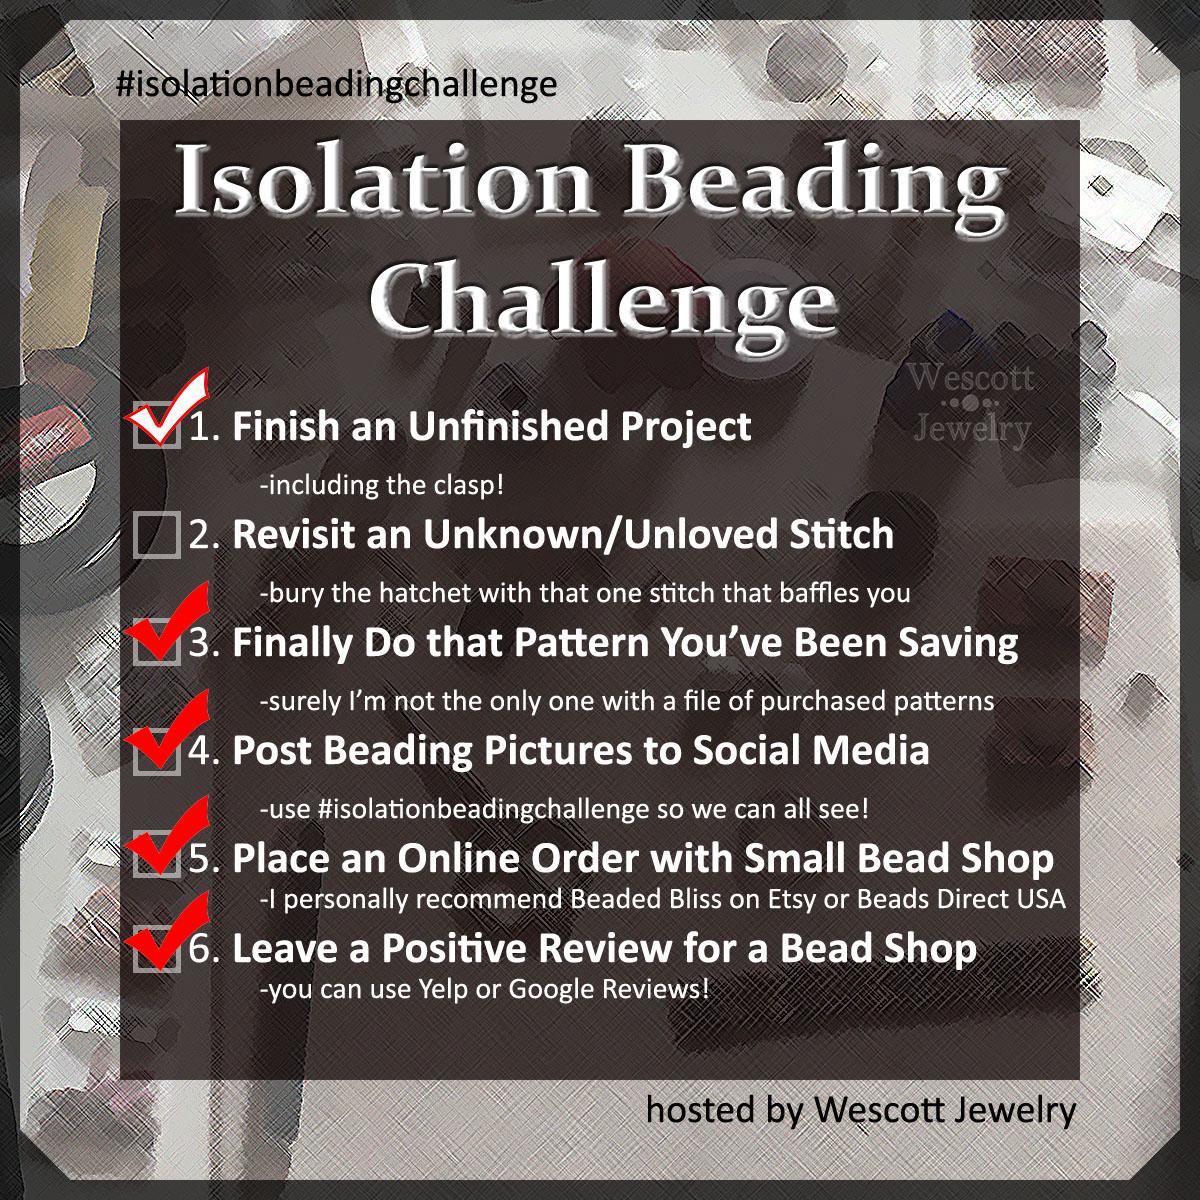 isolationbeadingchallenge2